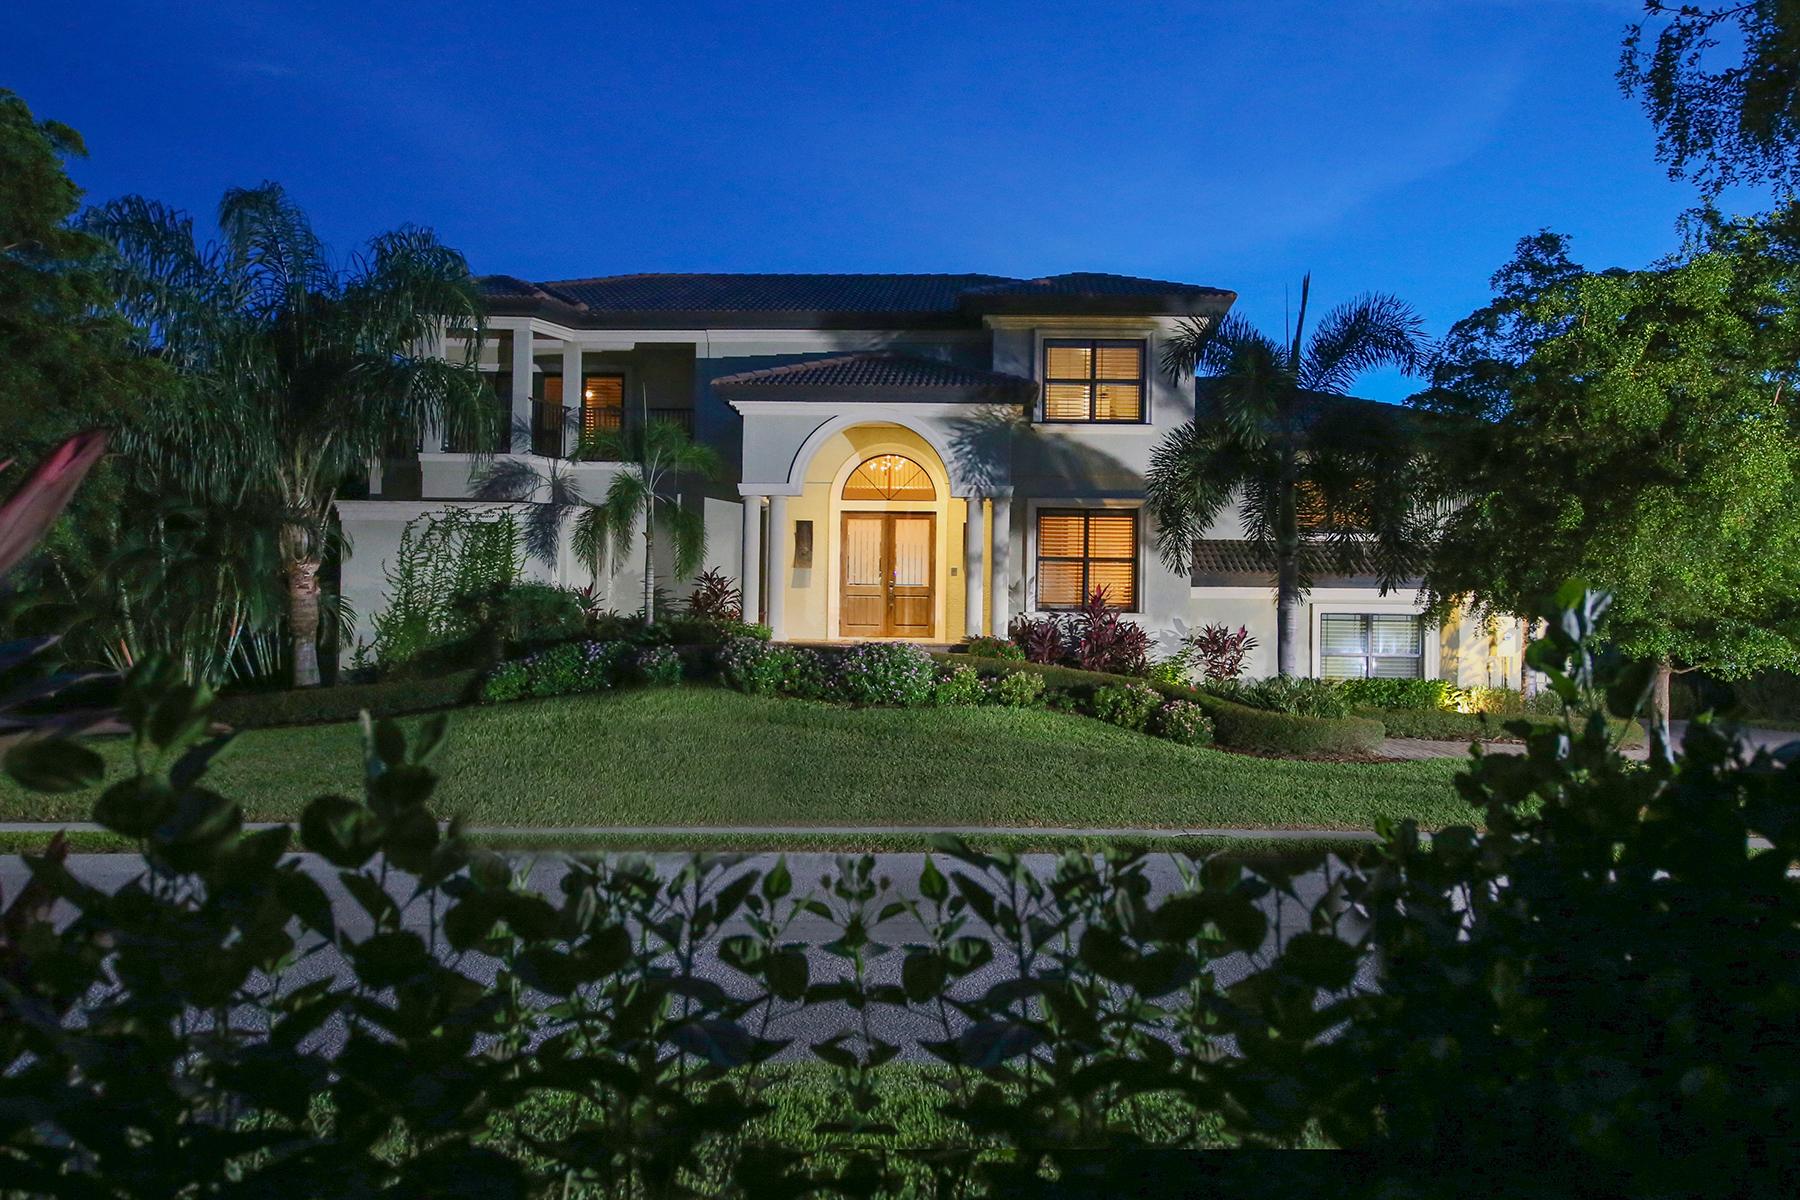 Maison unifamiliale pour l Vente à HARBOUR LANDINGS ESTATES 12510 Baypointe Terr Cortez, Florida, 34215 États-Unis